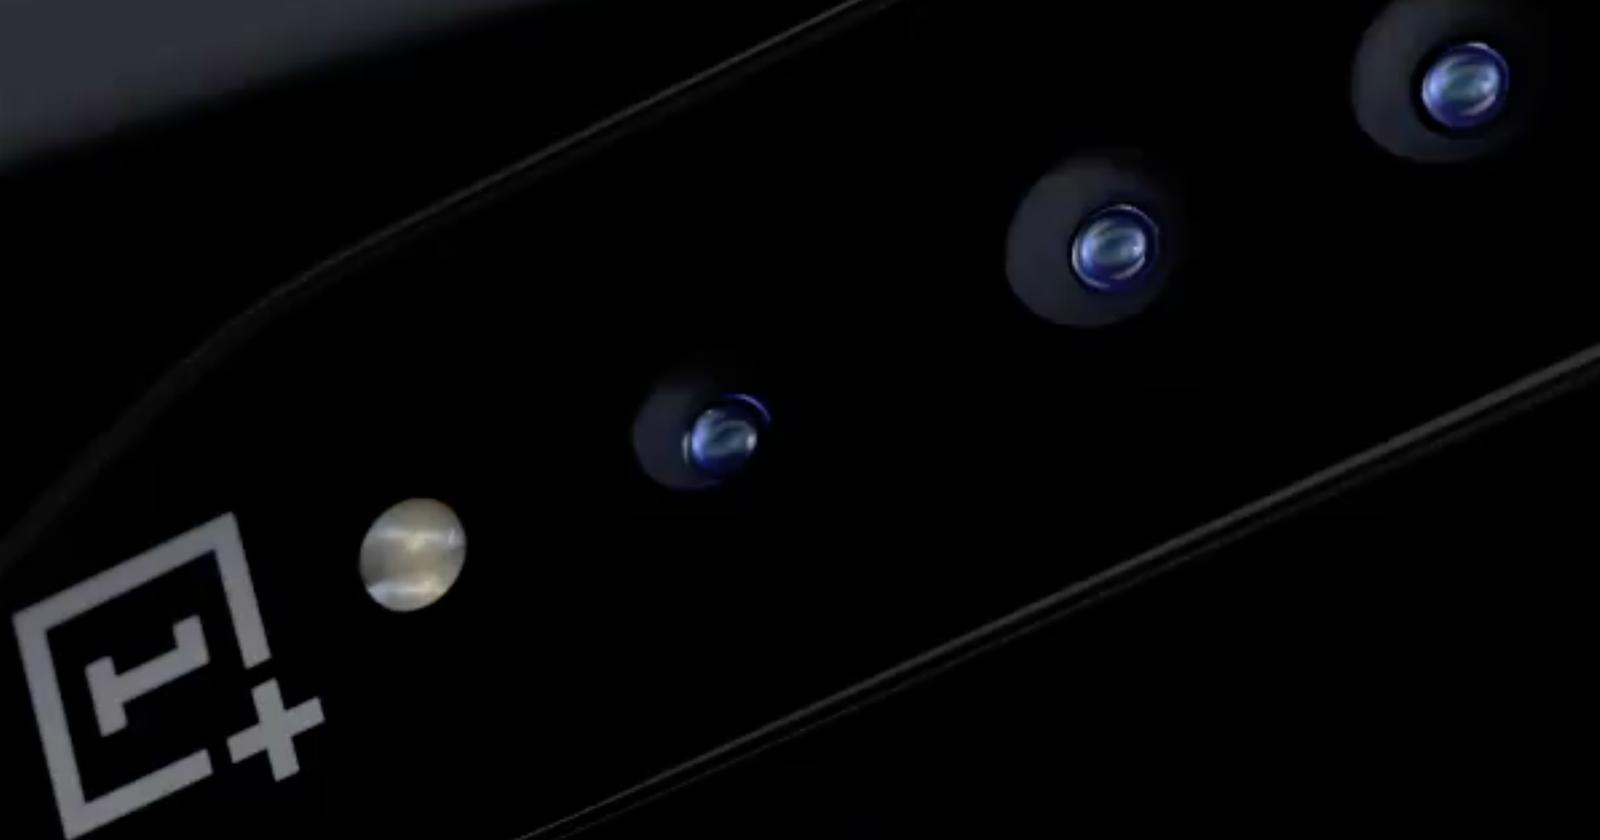 OnePlus se burla del concepto de Smartphone con cámaras traseras que 'desaparecen'.